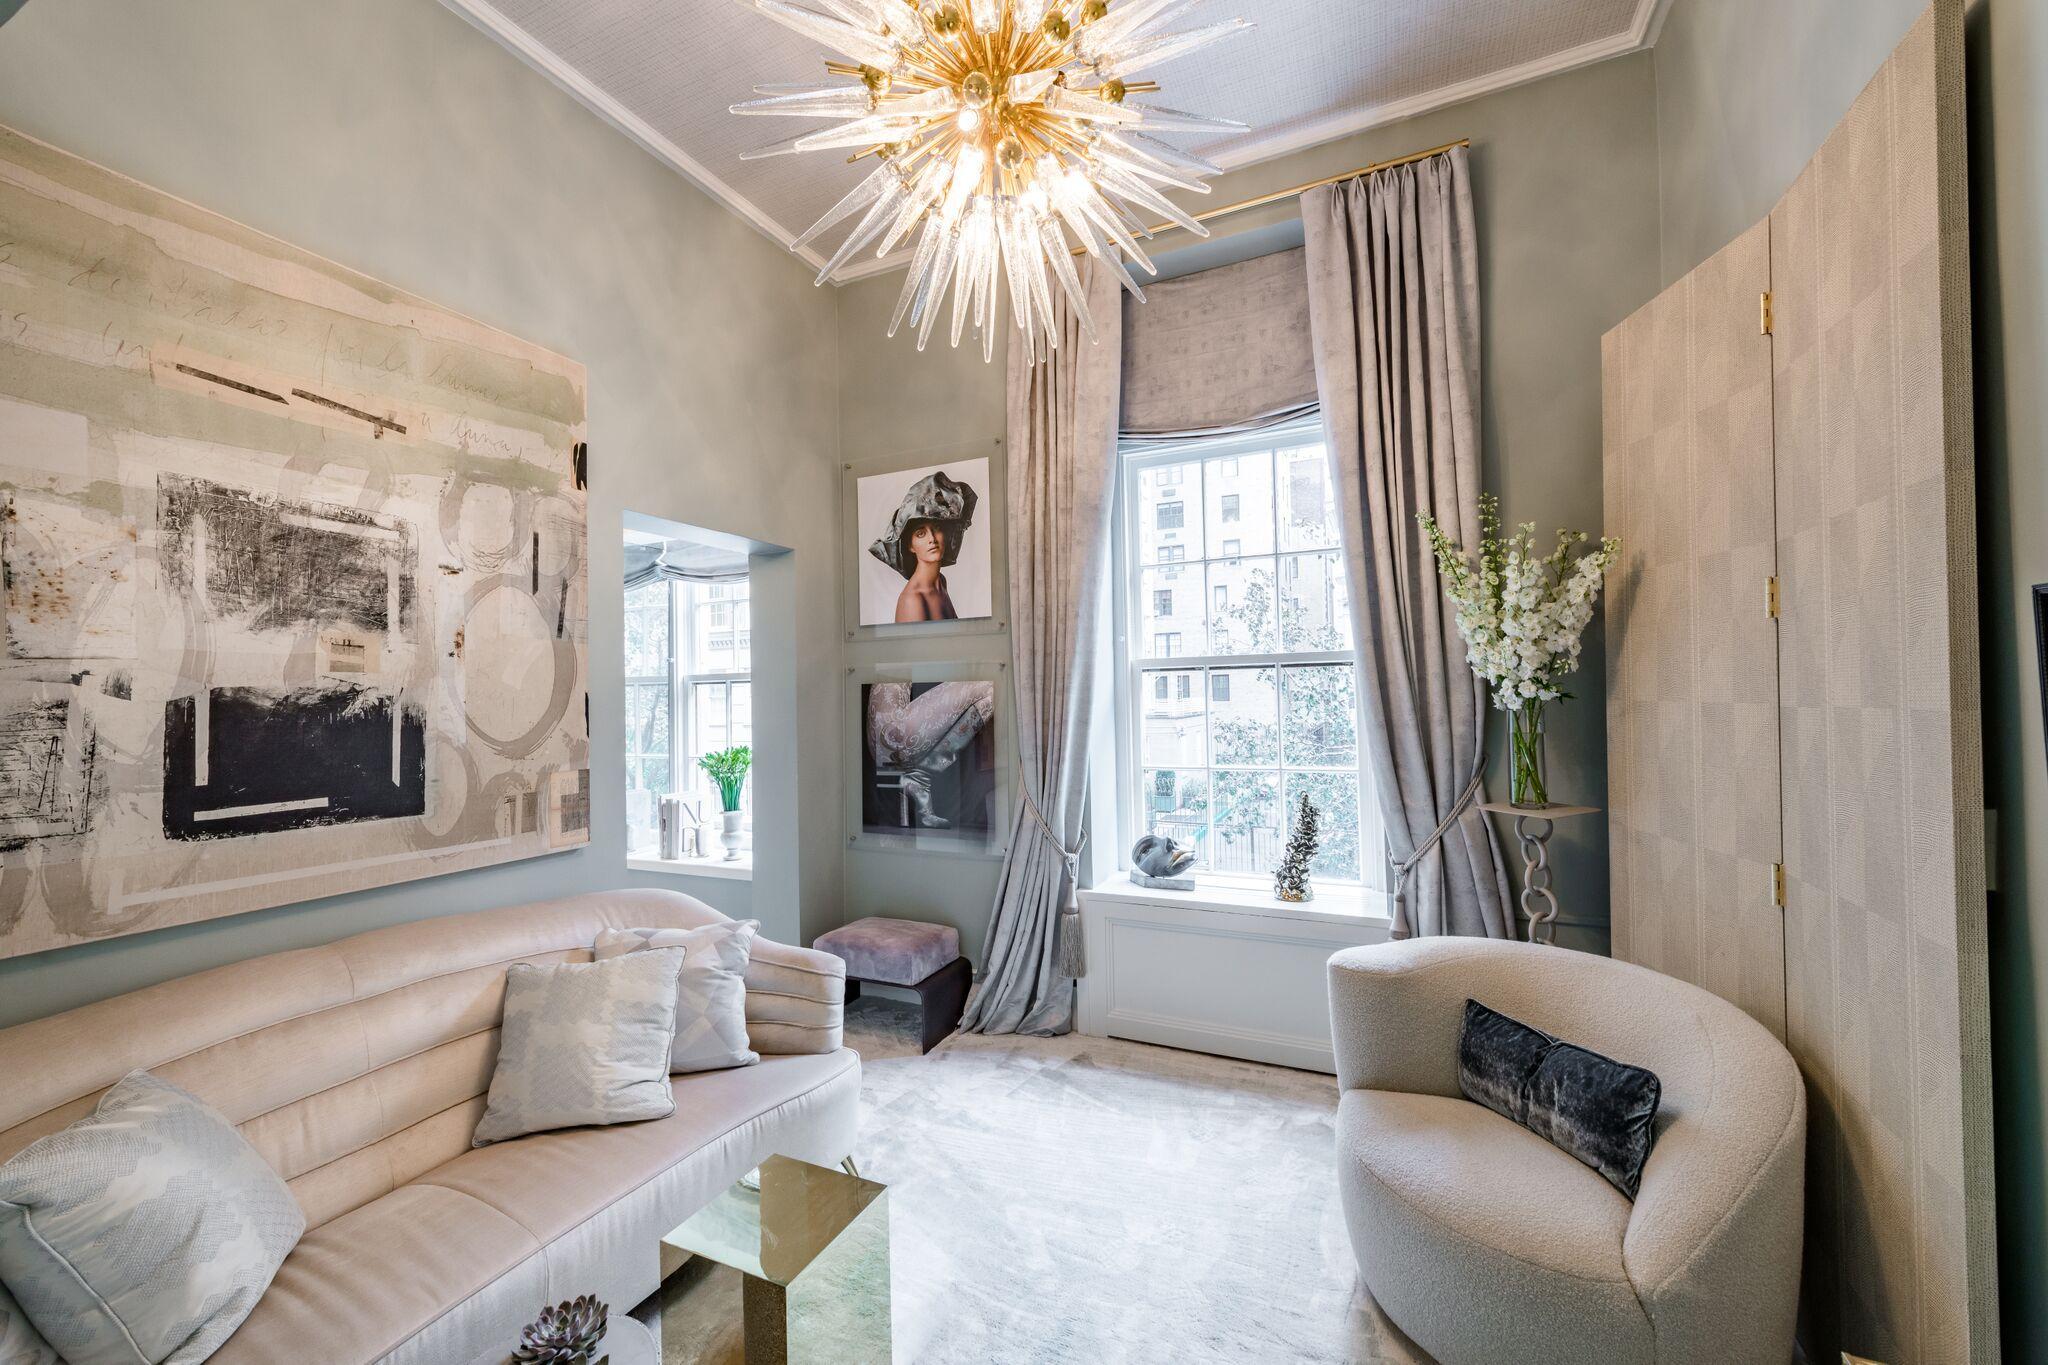 Natalie Kraiem - light fixtures, lamps, pillows